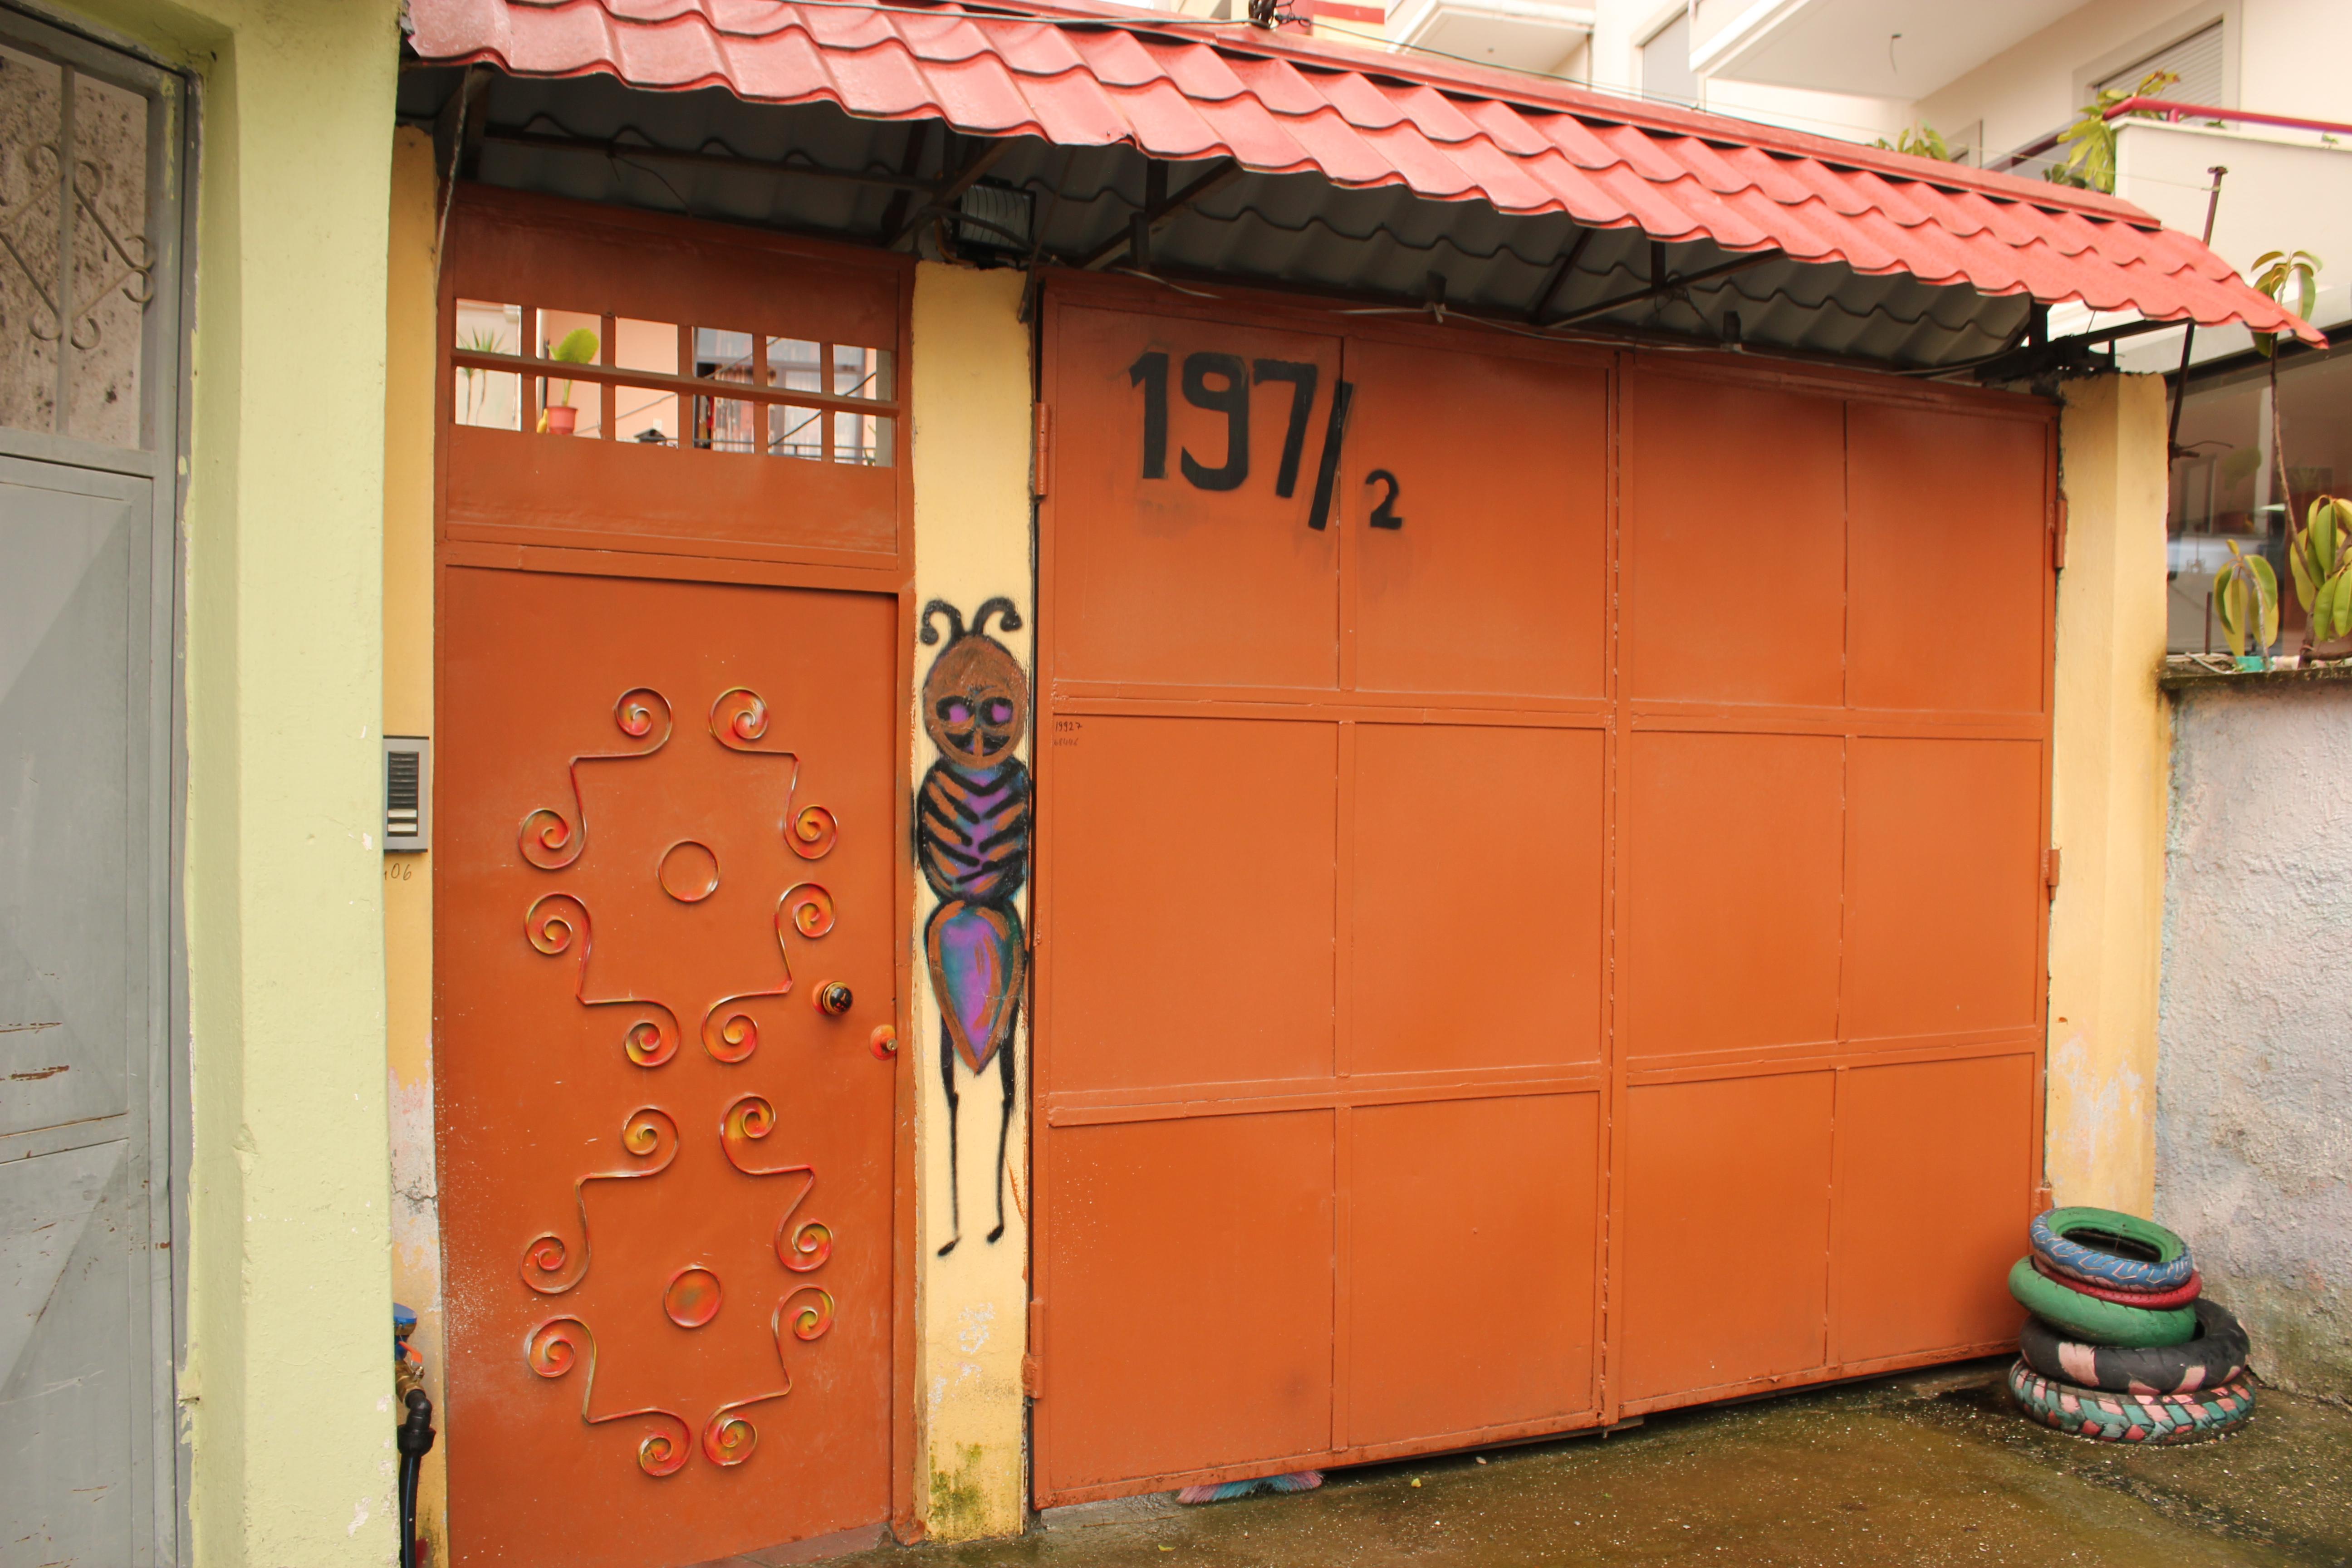 Hostel Entrance; Tirana, Albania; 2013